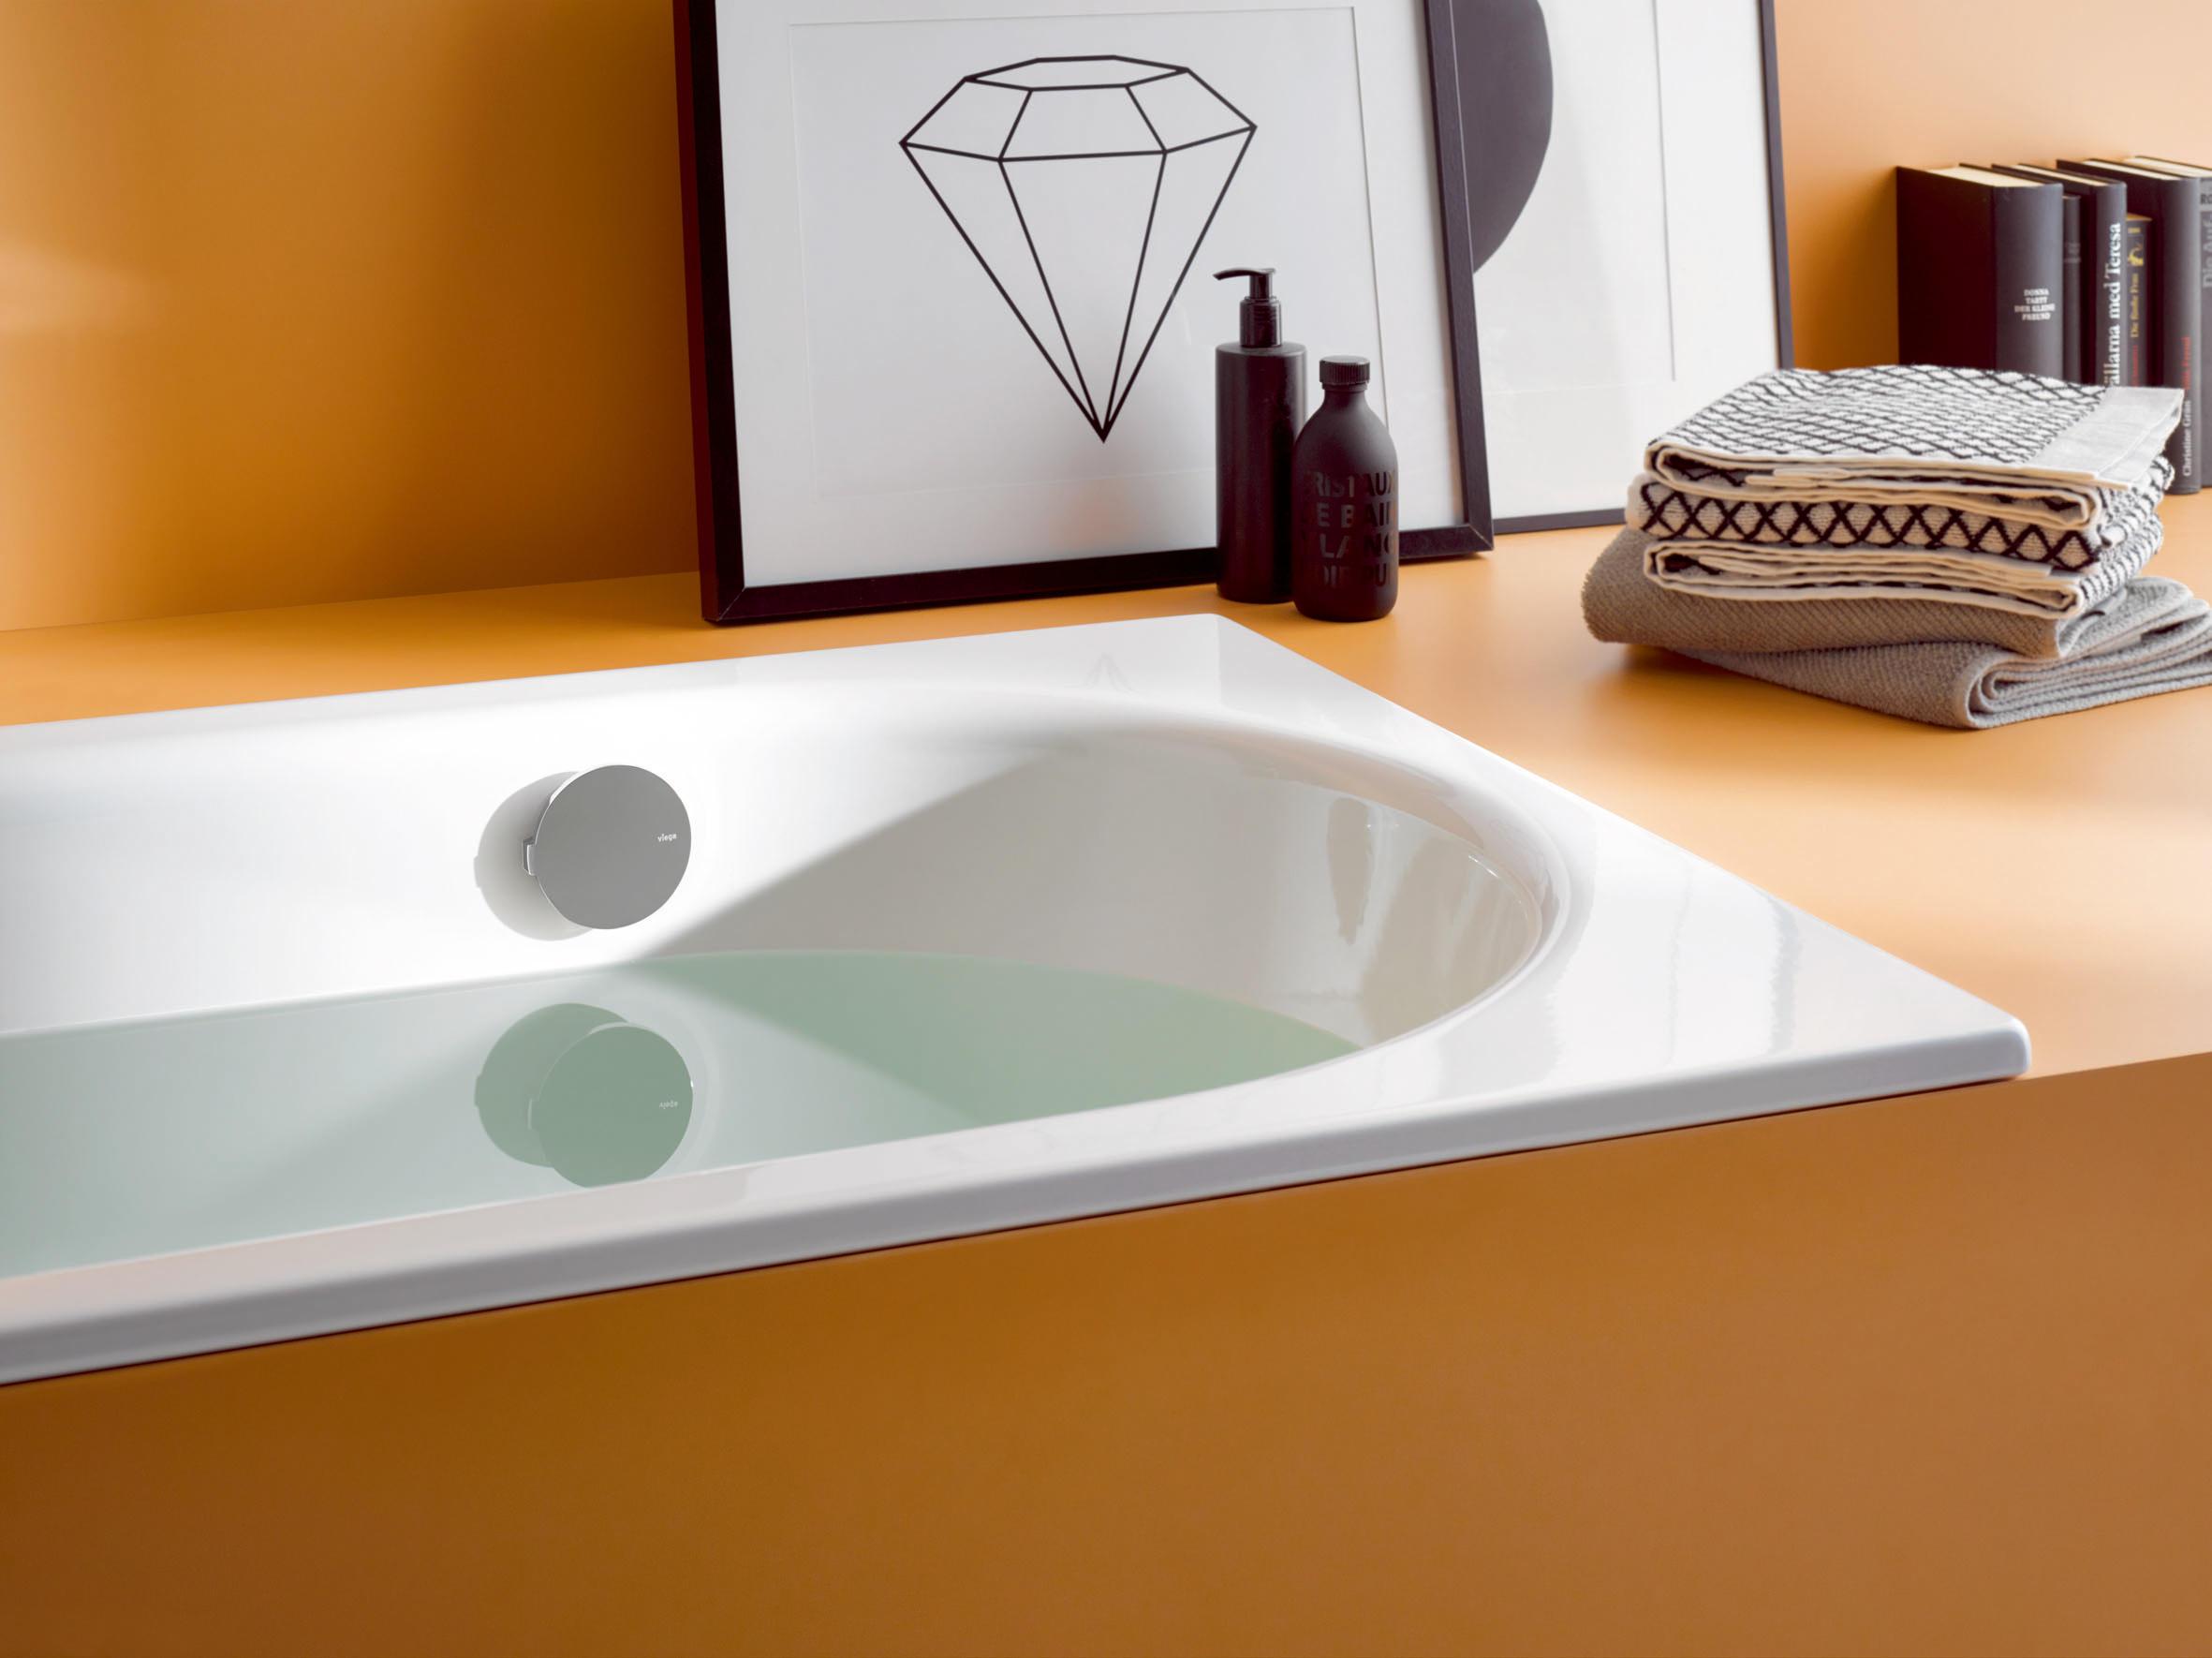 Vasche Da Bagno Bette Prezzi : Bettecomodo vasca vasche bette architonic